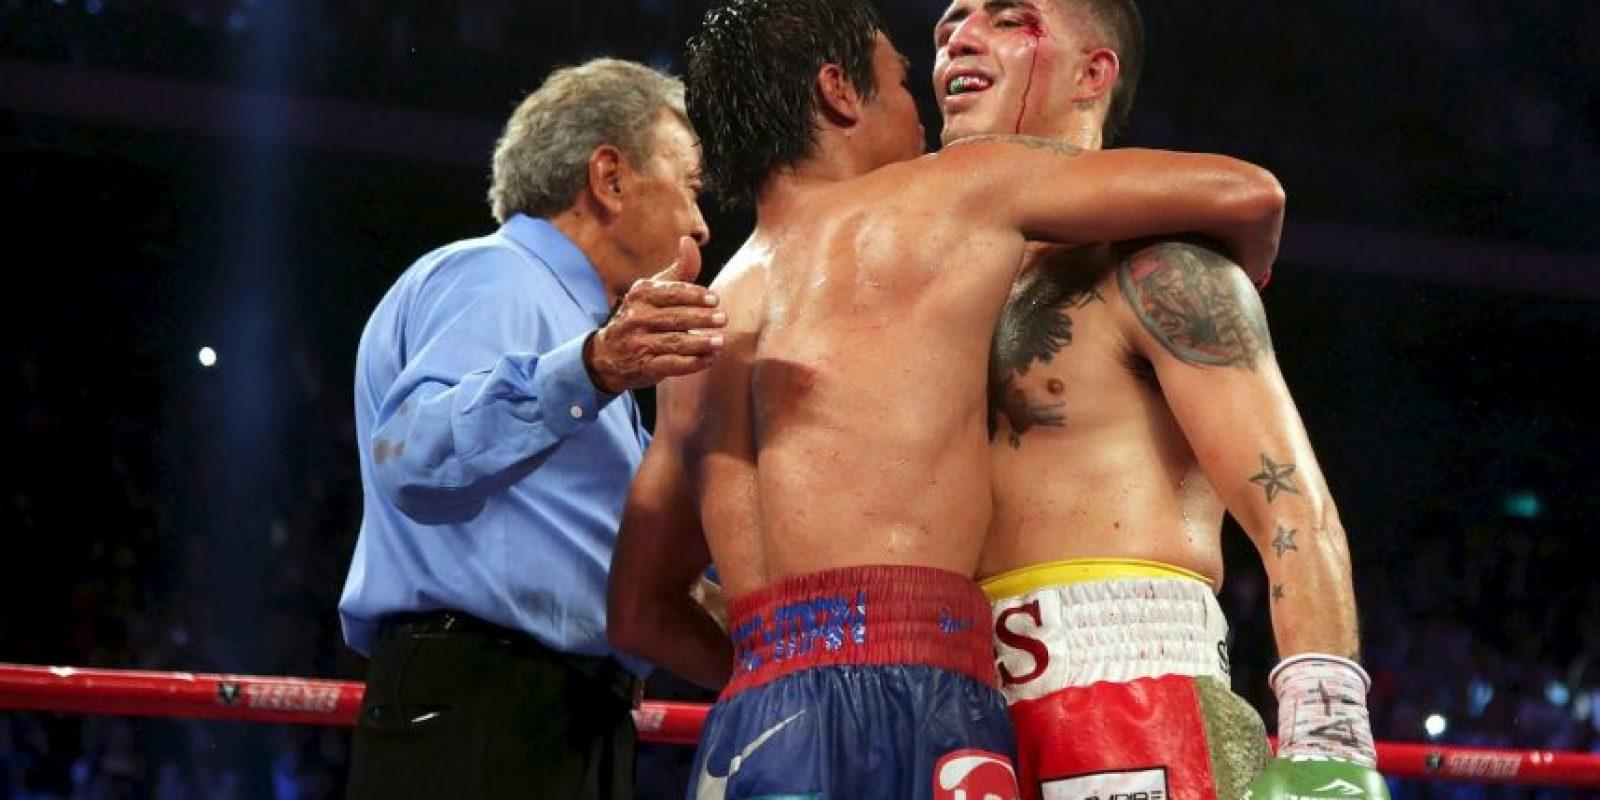 El estadounidense perdió por decisión unánime Foto:Getty Images